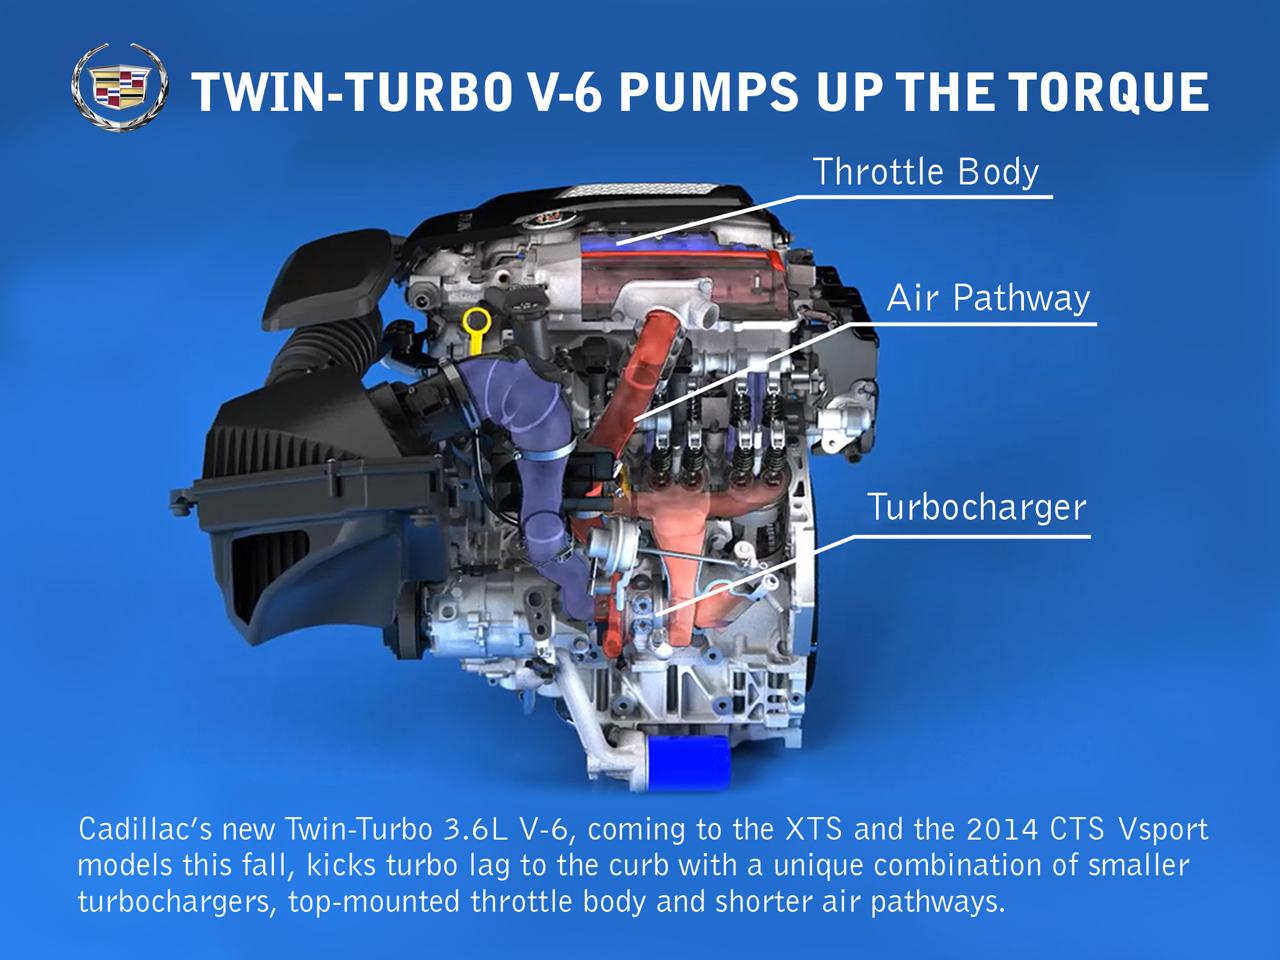 Evoluzione nell'uso del turbocompressore